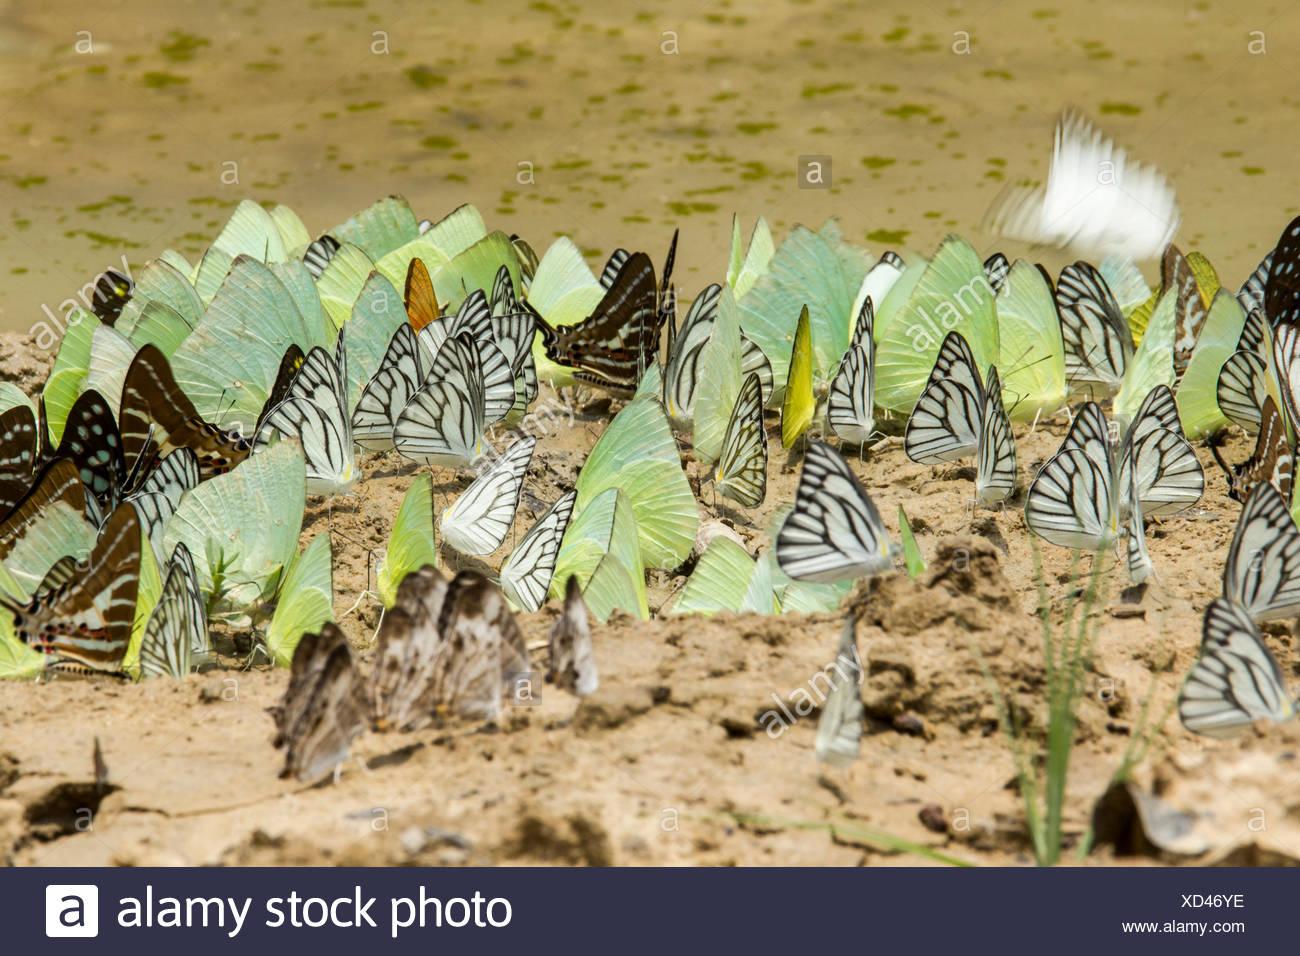 Schmetterlinge, Butterfly, Lepidoptera - Stock Image